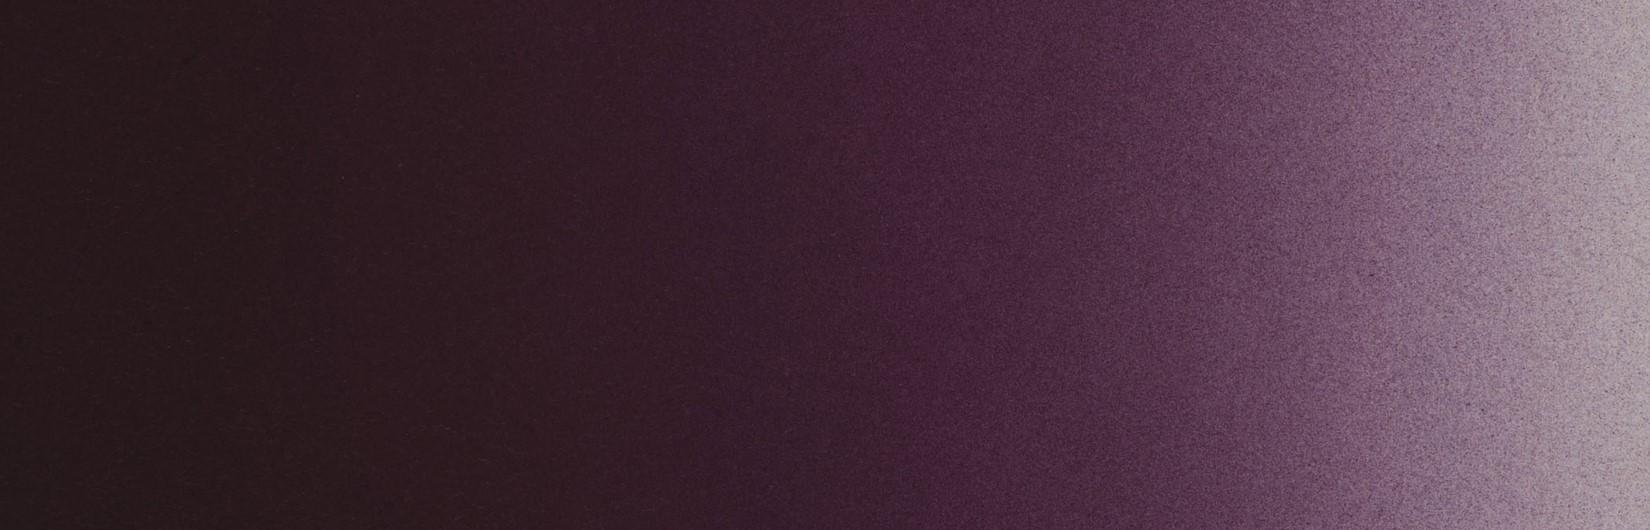 5042-createx-illustration-bloodline-deep-bruise-purple.jpg